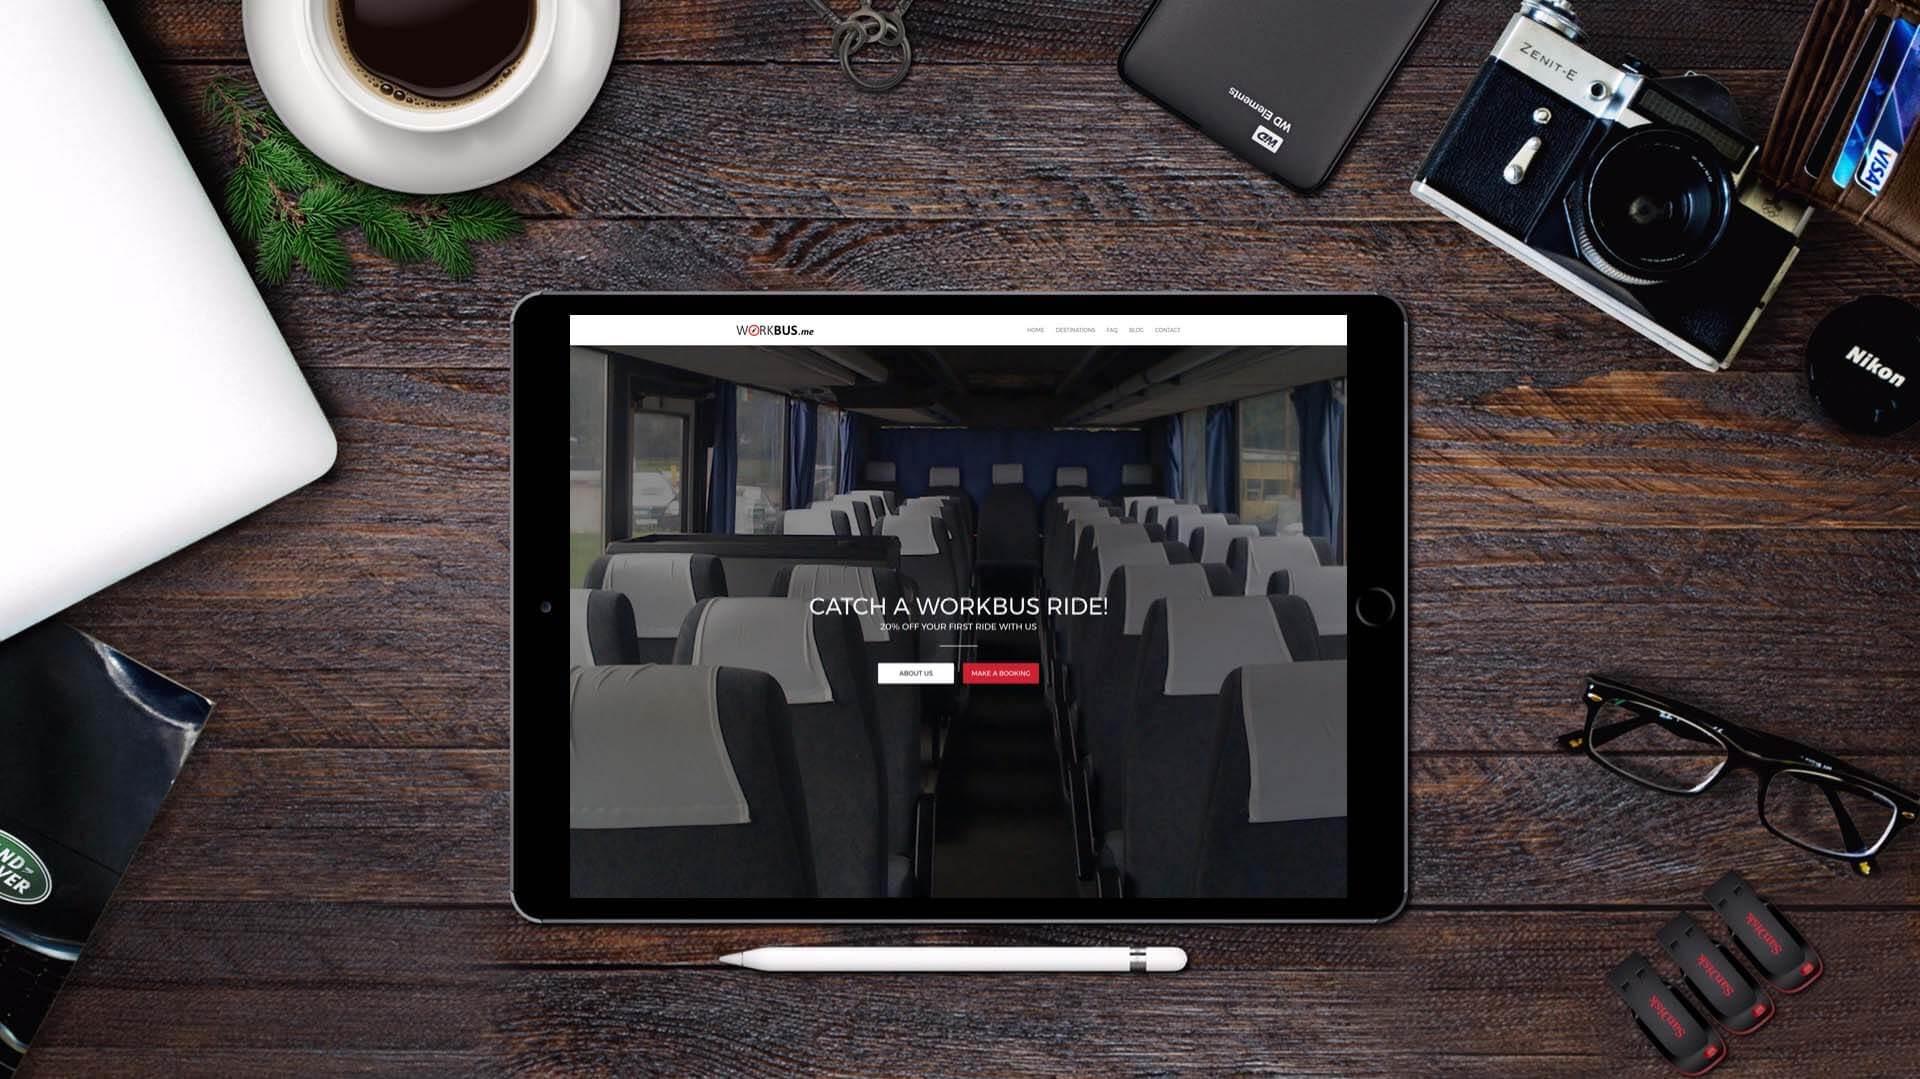 Workbus Website Design and Development